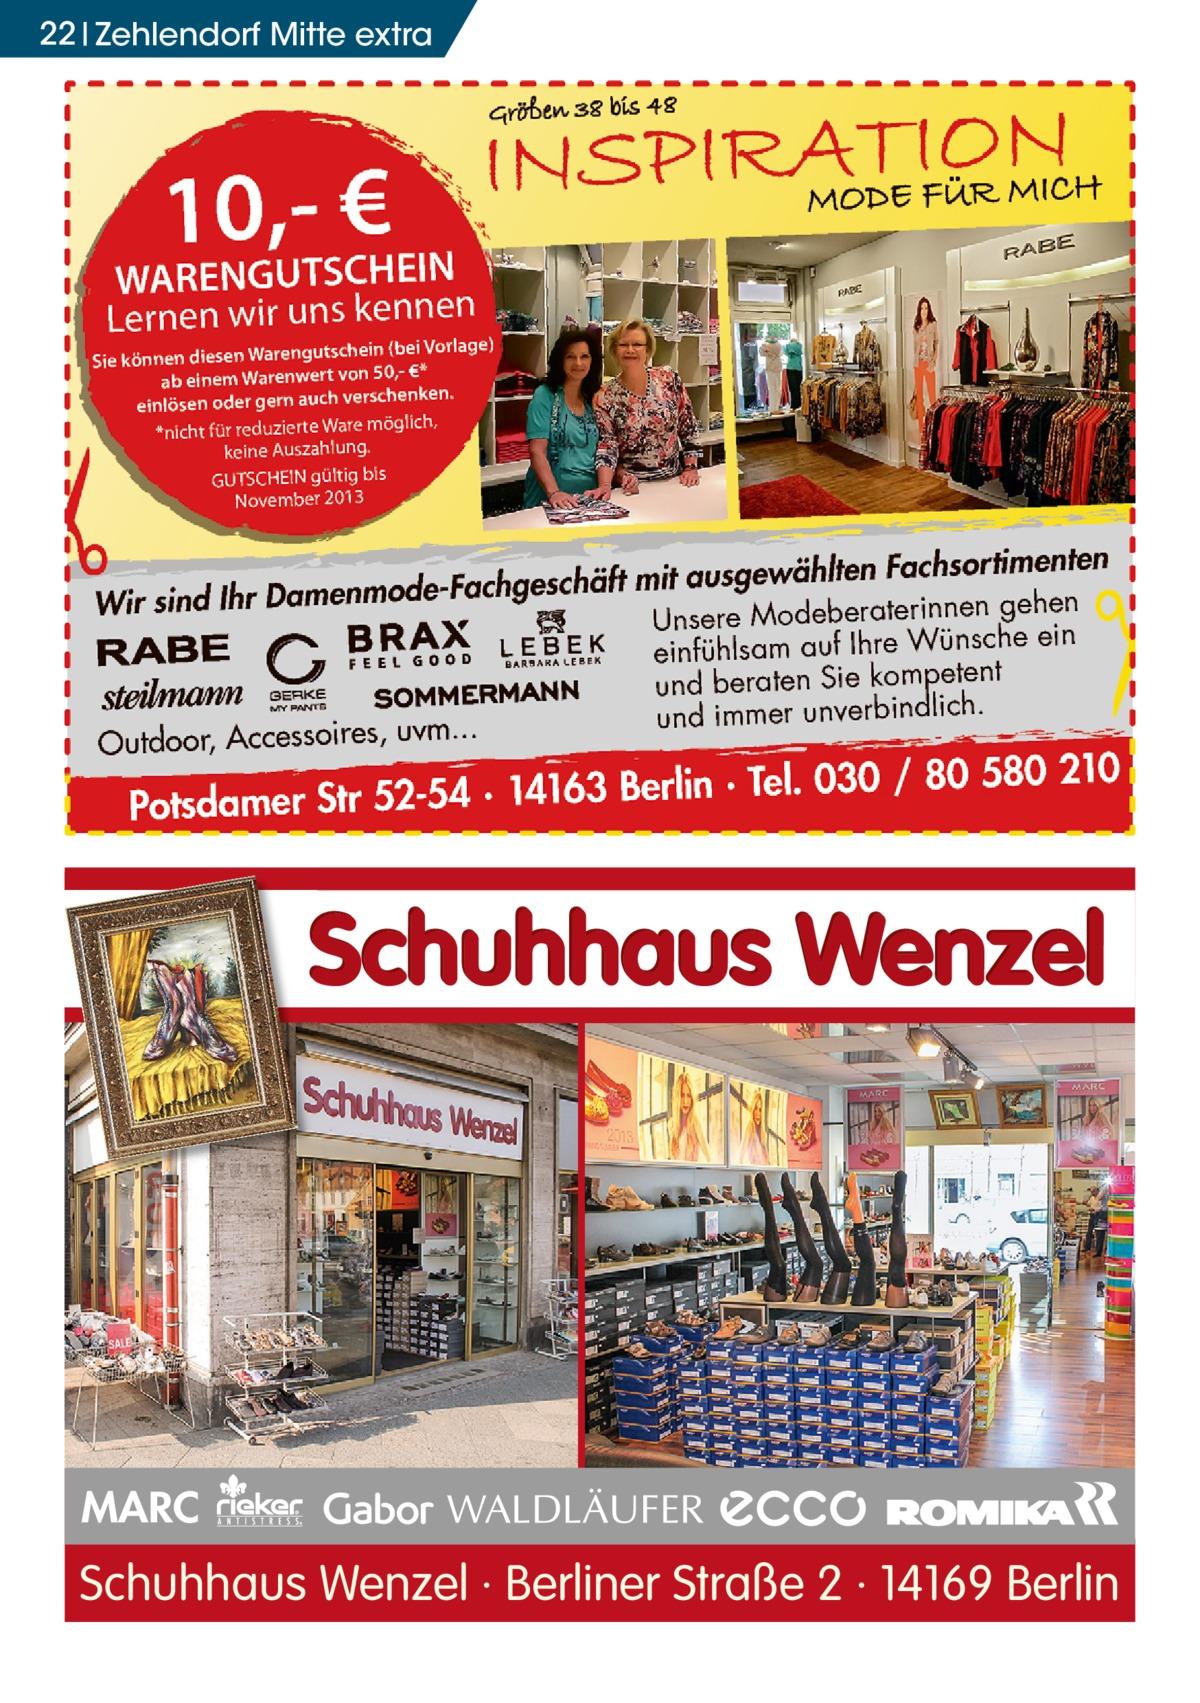 22 zehlendorf mitte extra  MARC  Schuhhaus Wenzel · Berliner Straße 2 · 14169 Berlin